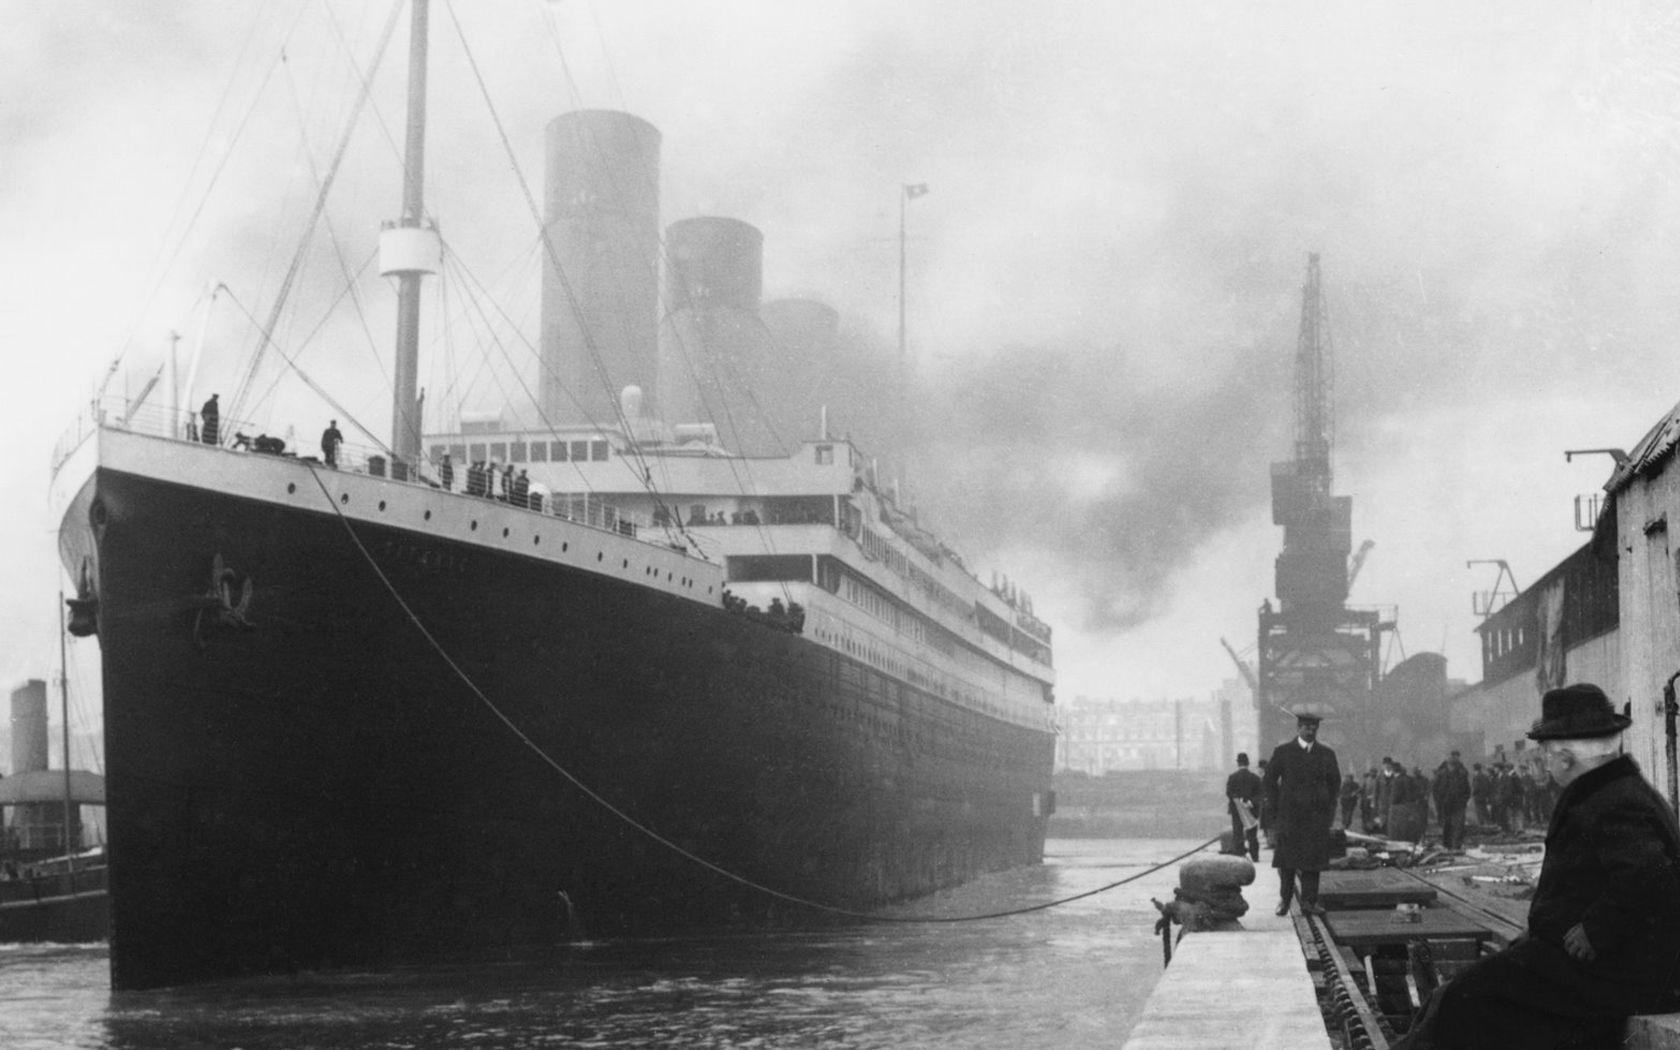 Wallpaper Of Titanic - WallpaperSafari